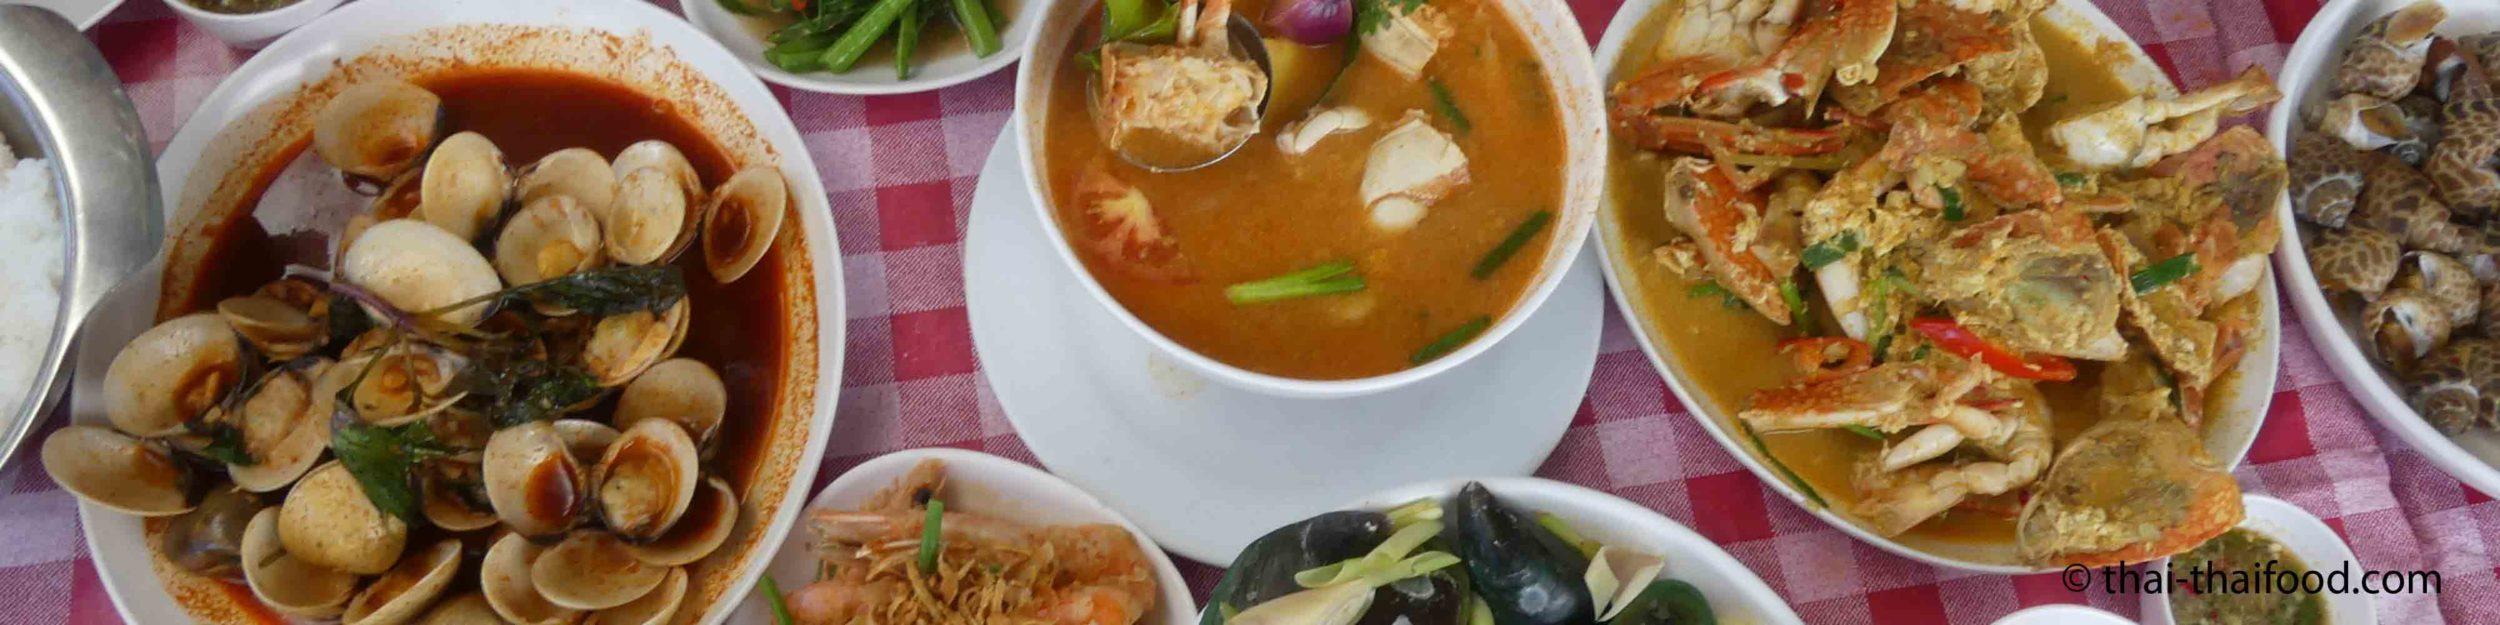 Thai Restaurant Verzeichnis